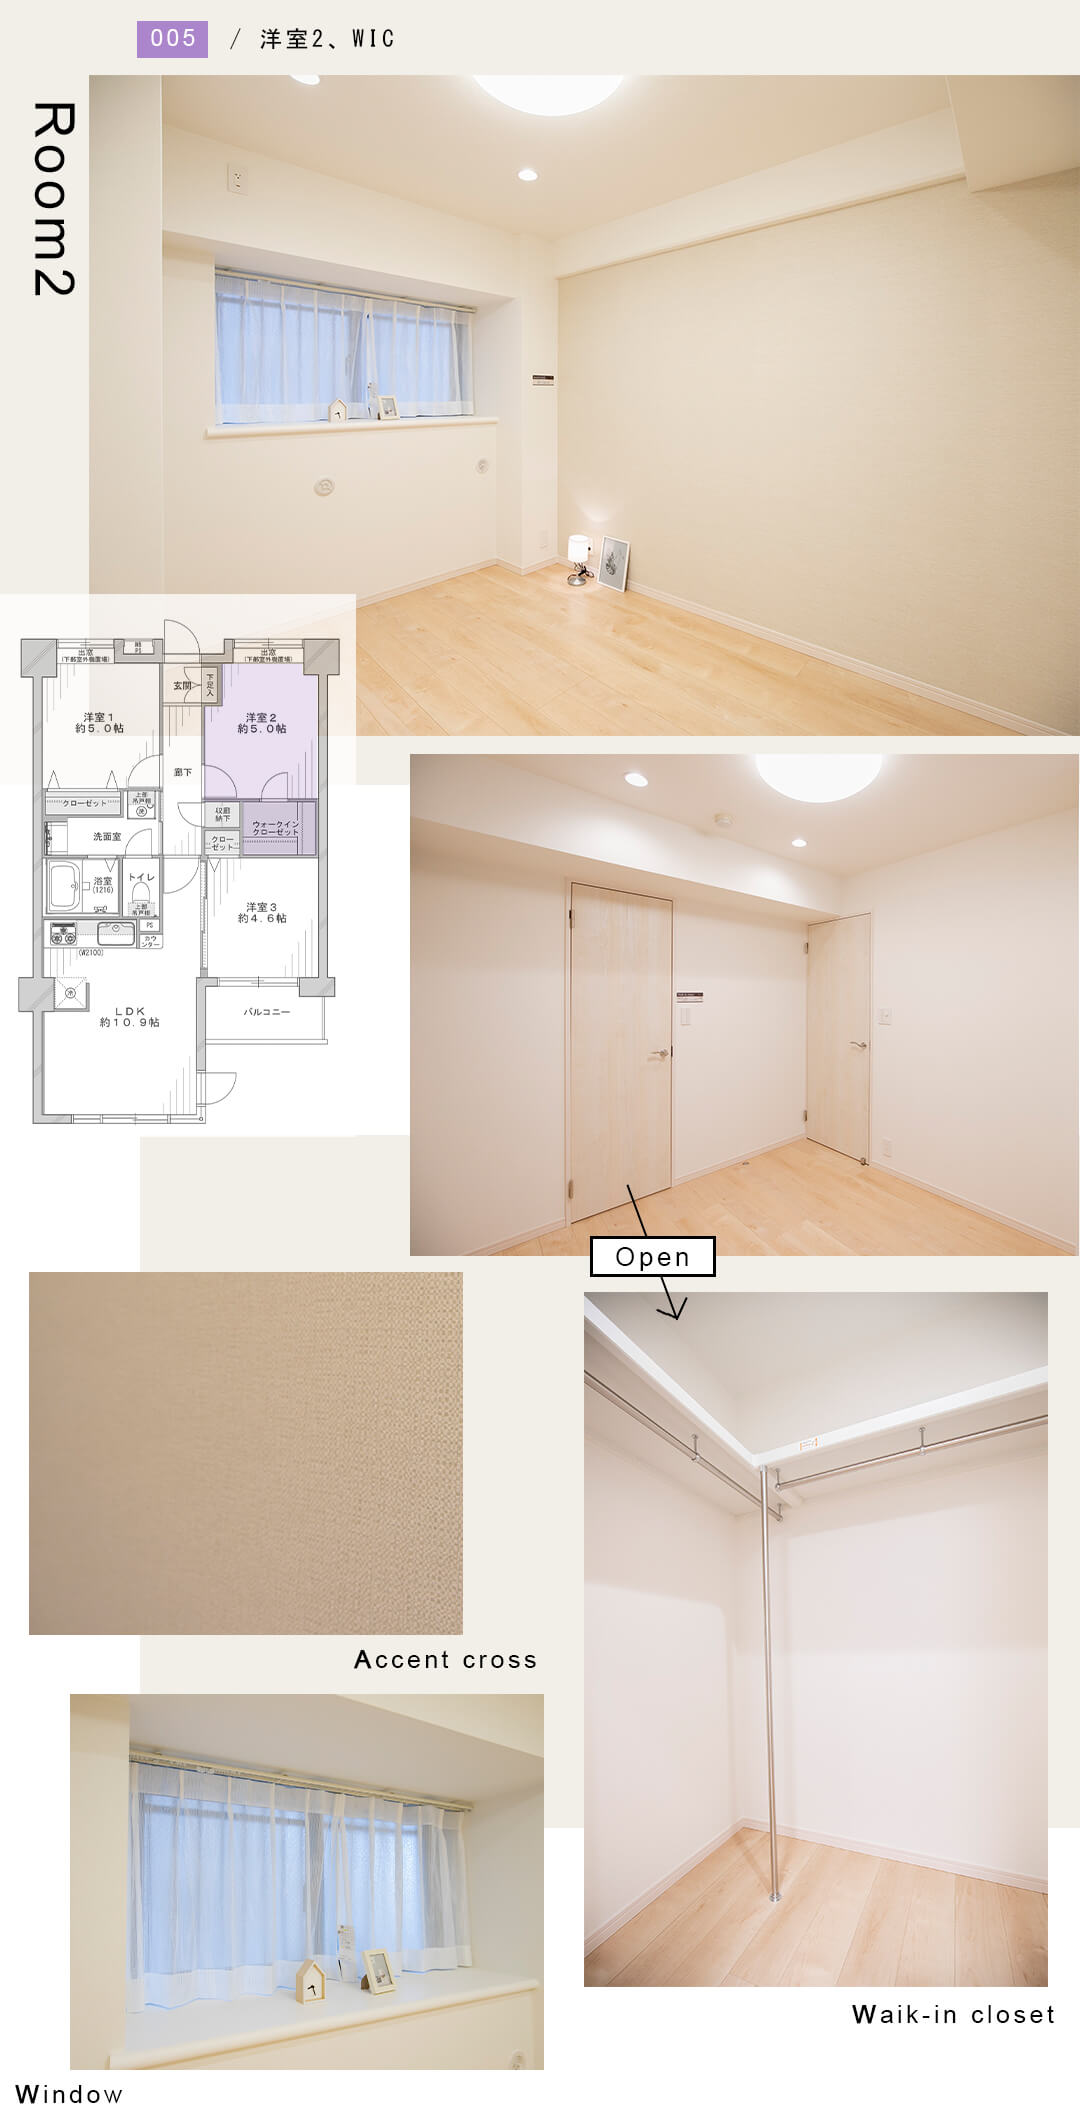 ライオンズマンション武蔵関第2の洋室